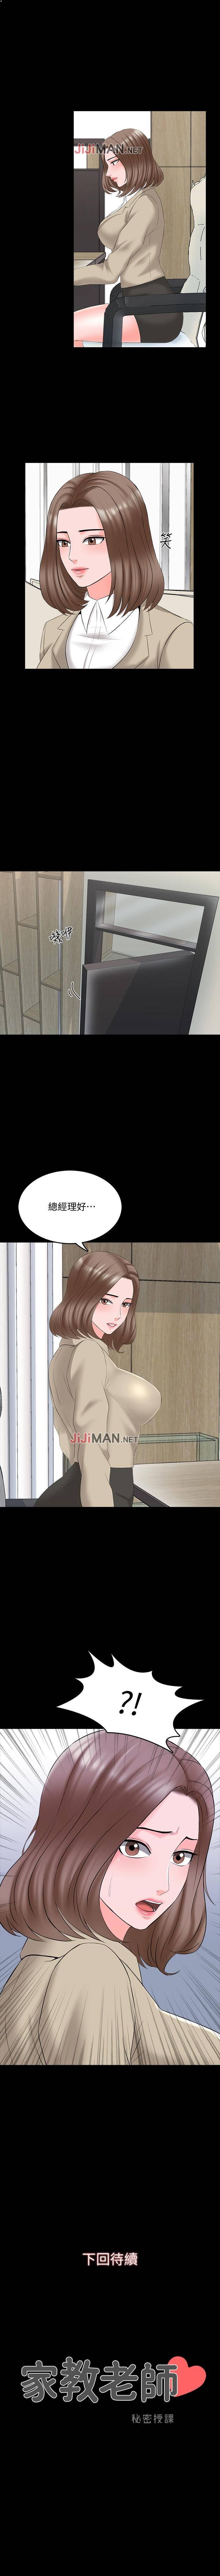 【周一连载】家教老师(作者: CreamMedia) 第1~44话 267